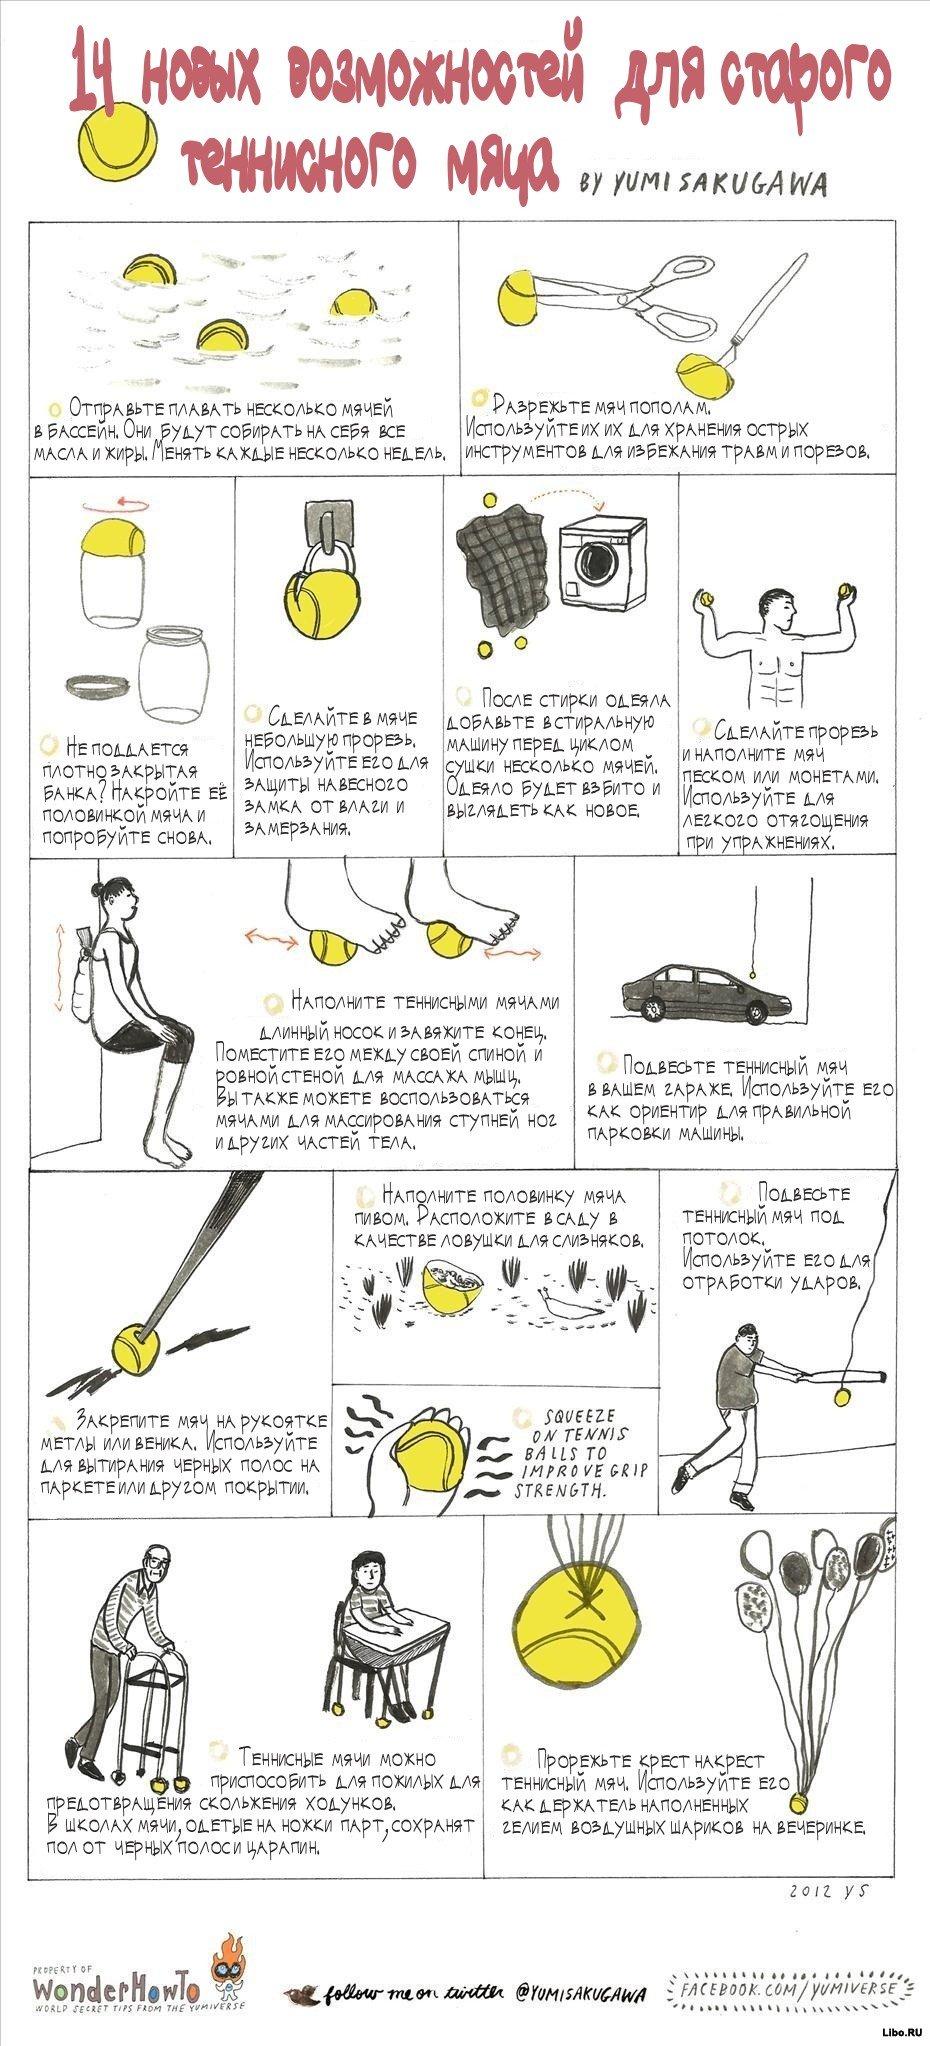 14 новых возможностей для старого теннисного мяча